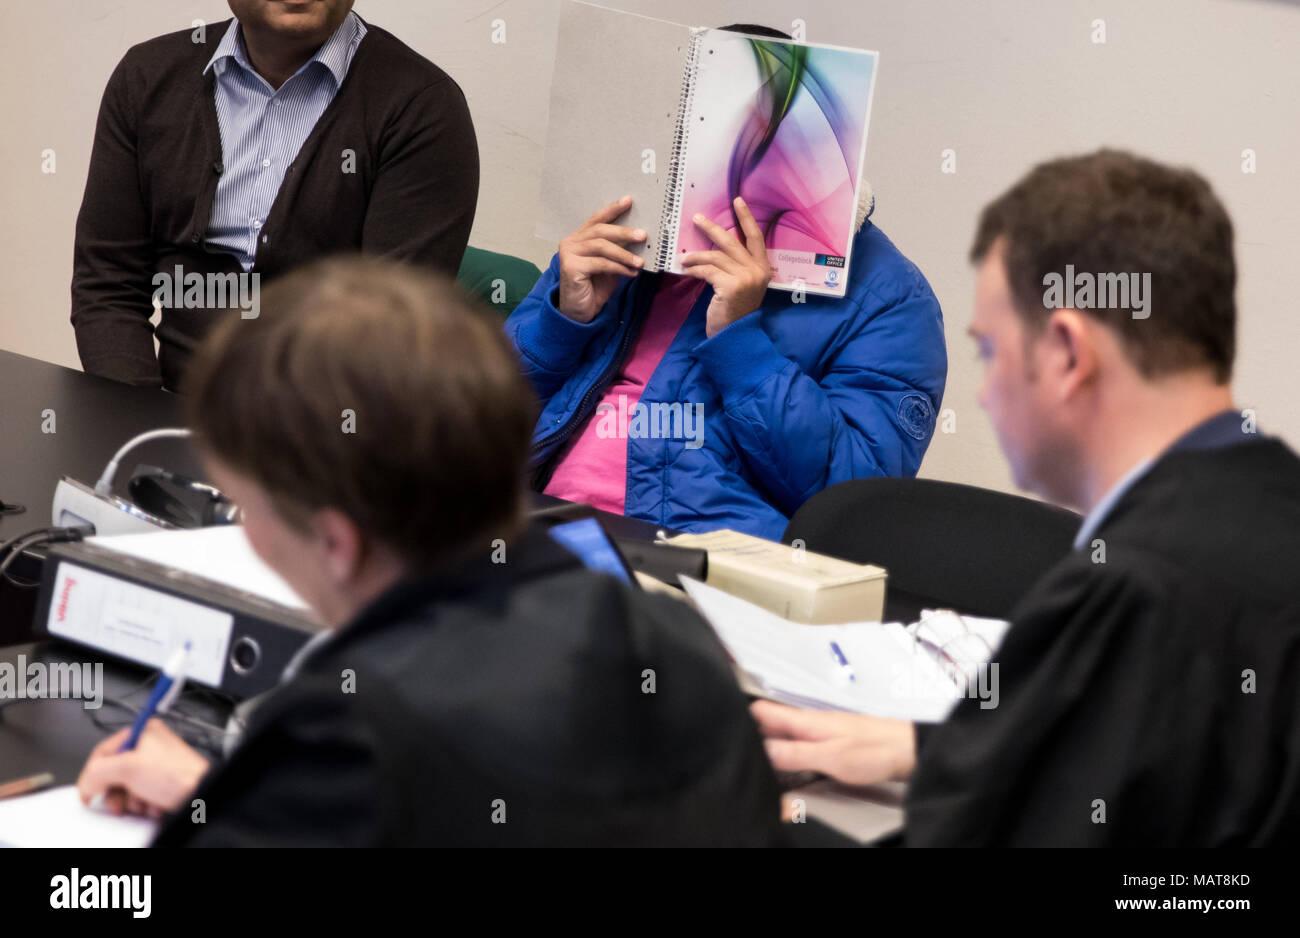 349211a9fc5ec6 04 avril 2018, l'Allemagne, Hambourg : l'homme de 34 ans